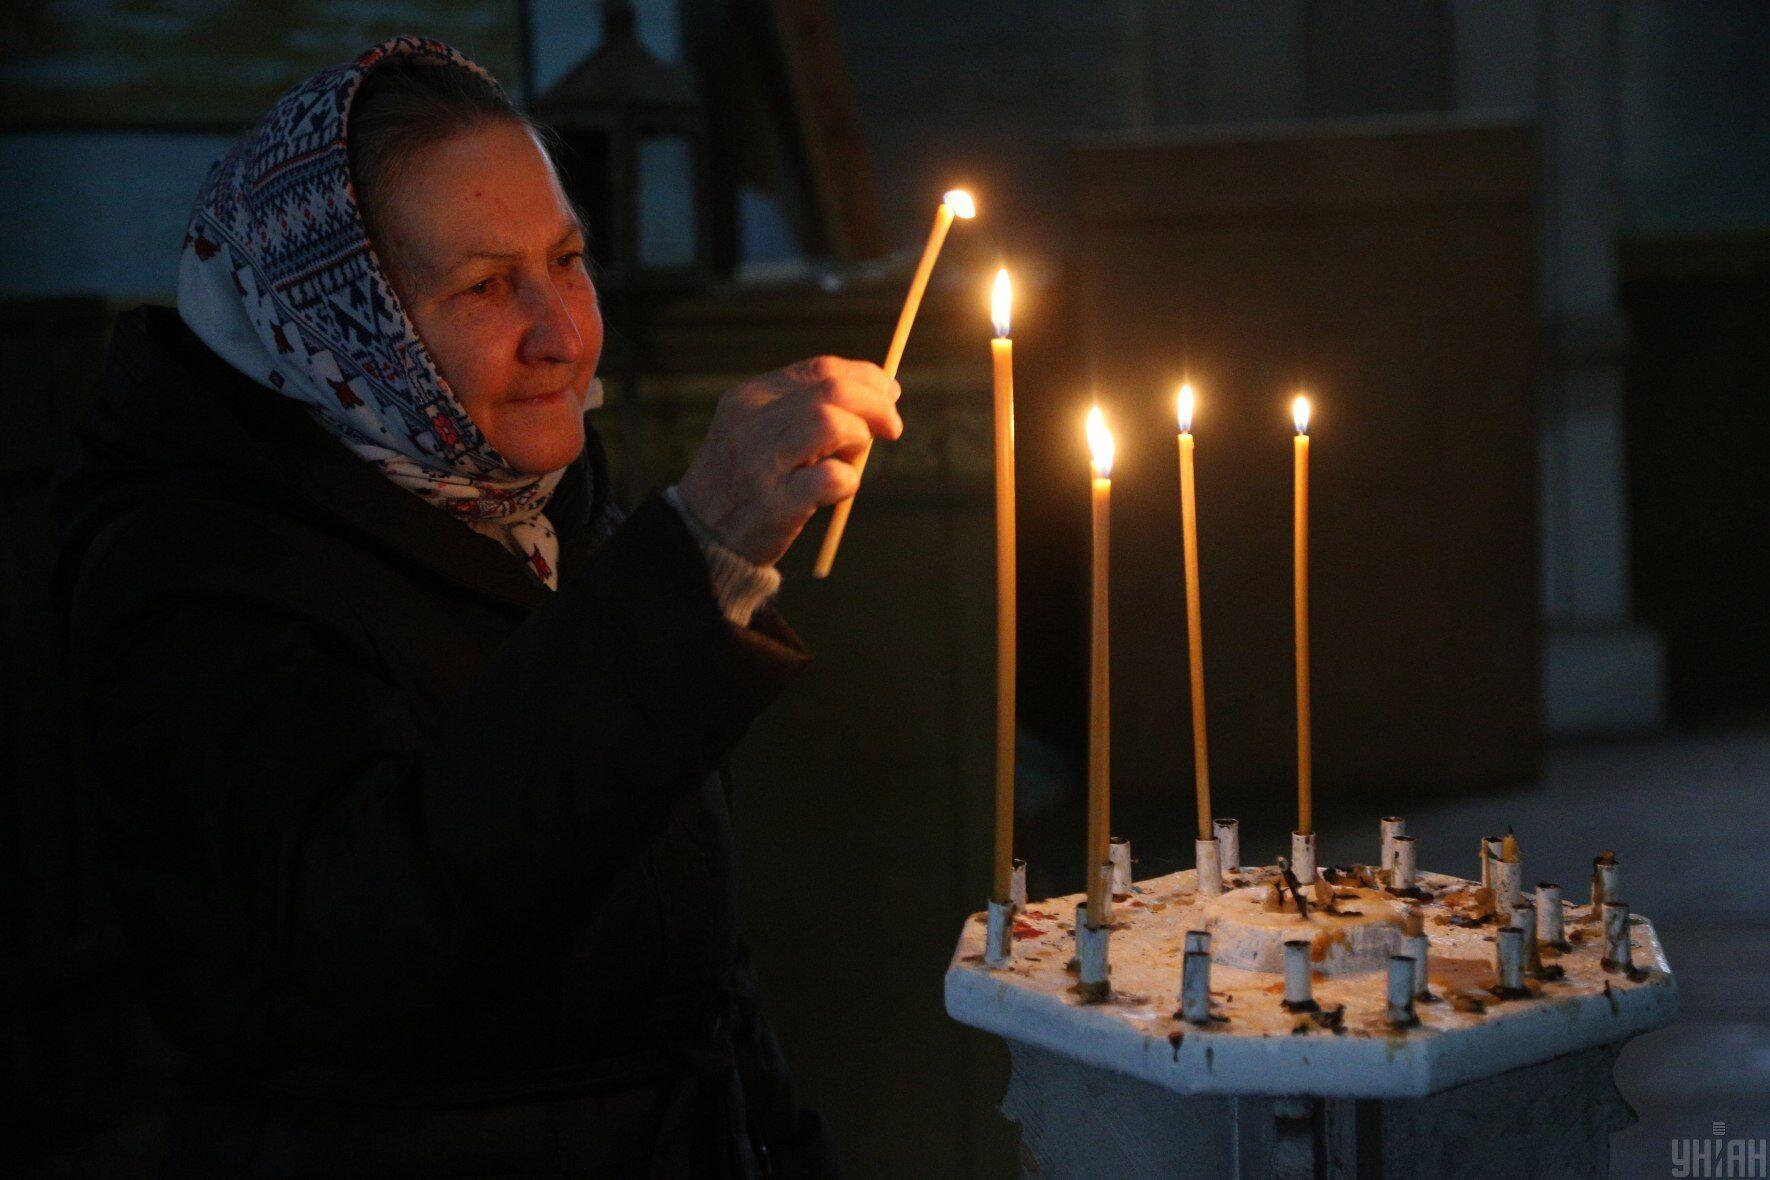 11 августа стоит посетить службу в церкви и помолиться святому Николаю Угоднику